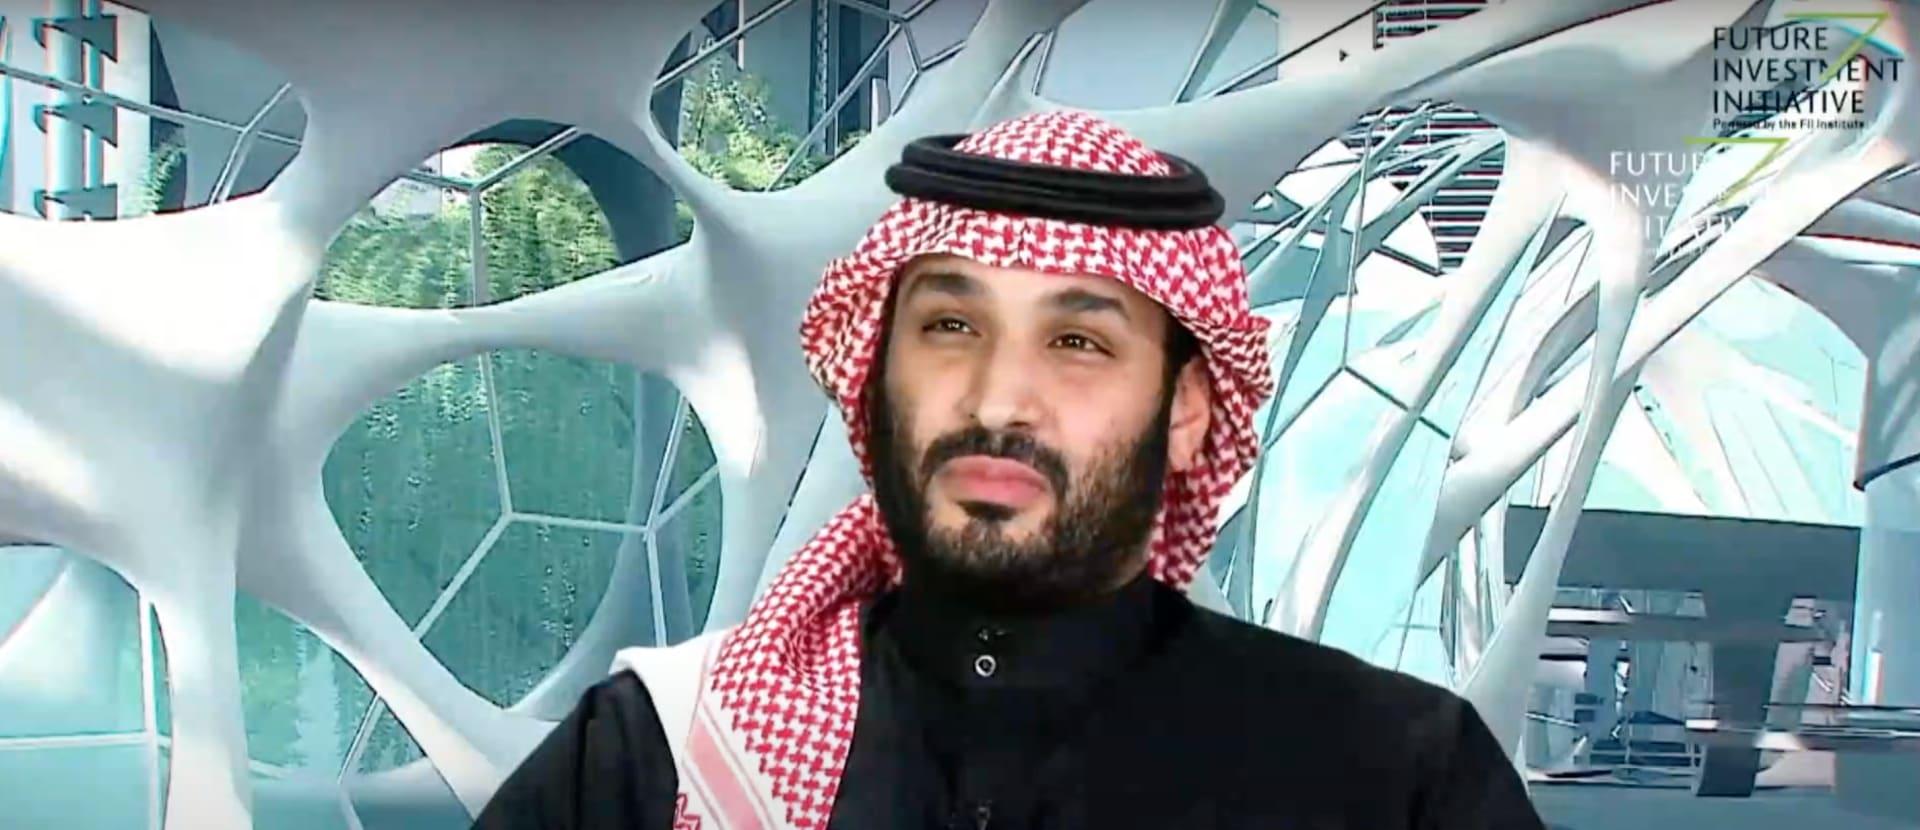 الأمير محمد بن سلمان: الرياض ستكون من أكبر اقتصادات المدن في العالم